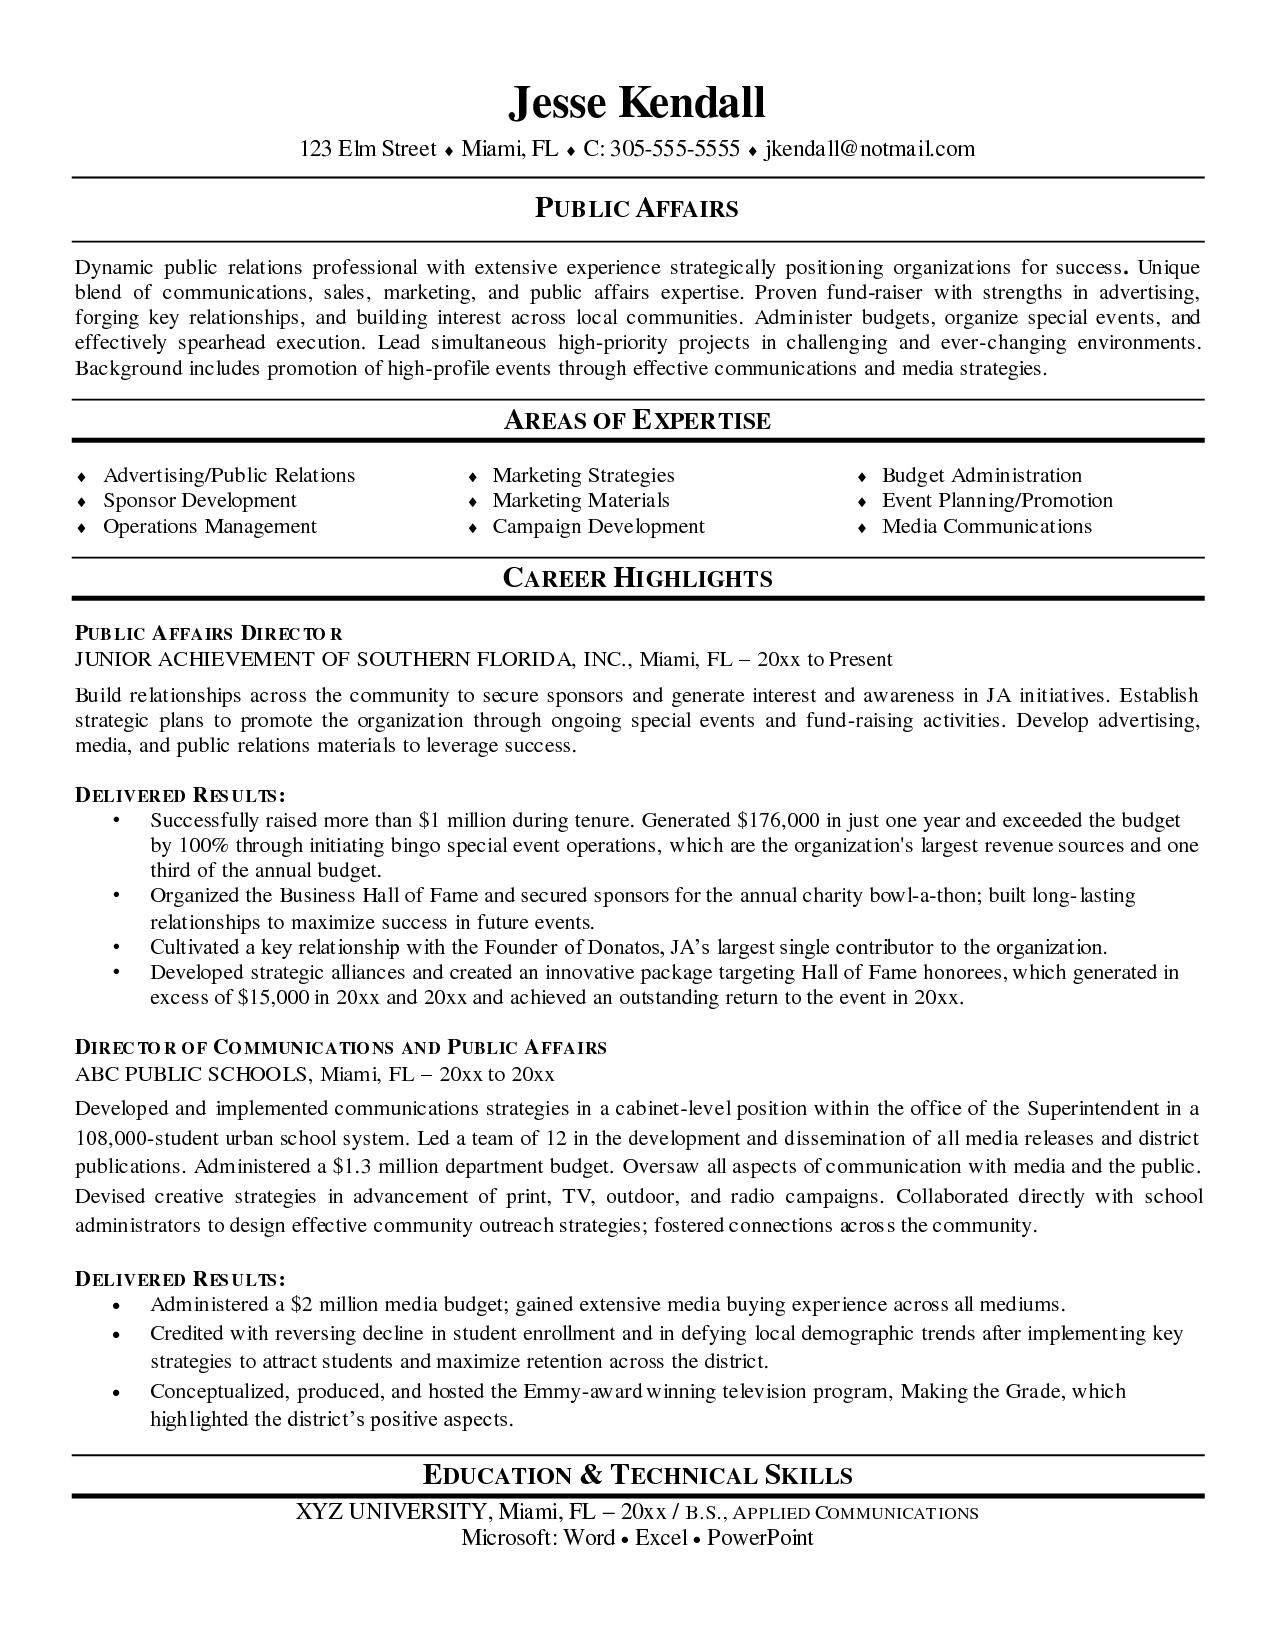 Public Affairs Director Resume Sample